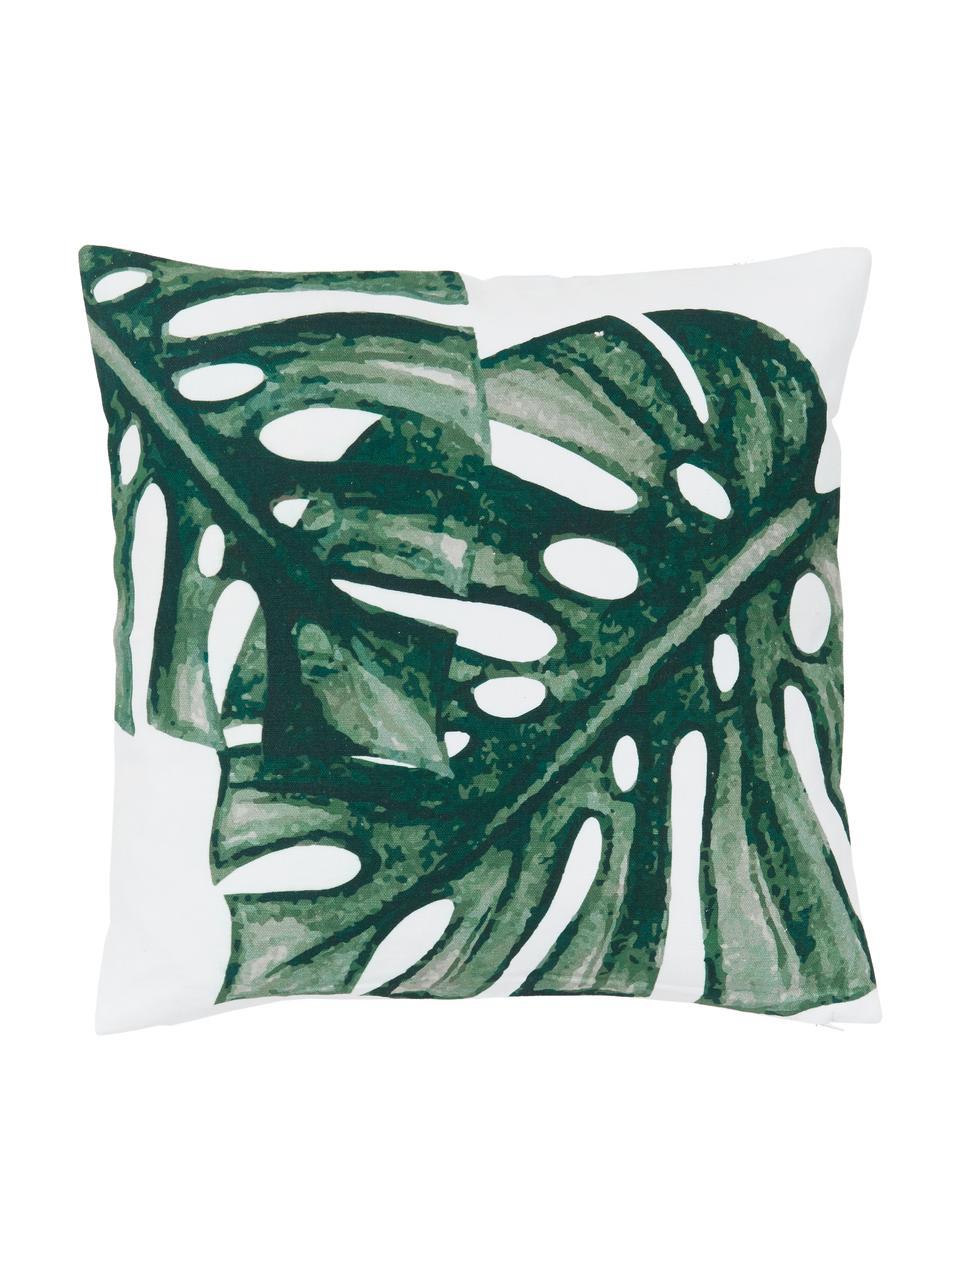 Kussenhoes Tropics met monstera print in groen/wit, 100% katoen, Groen, wit, 40 x 40 cm